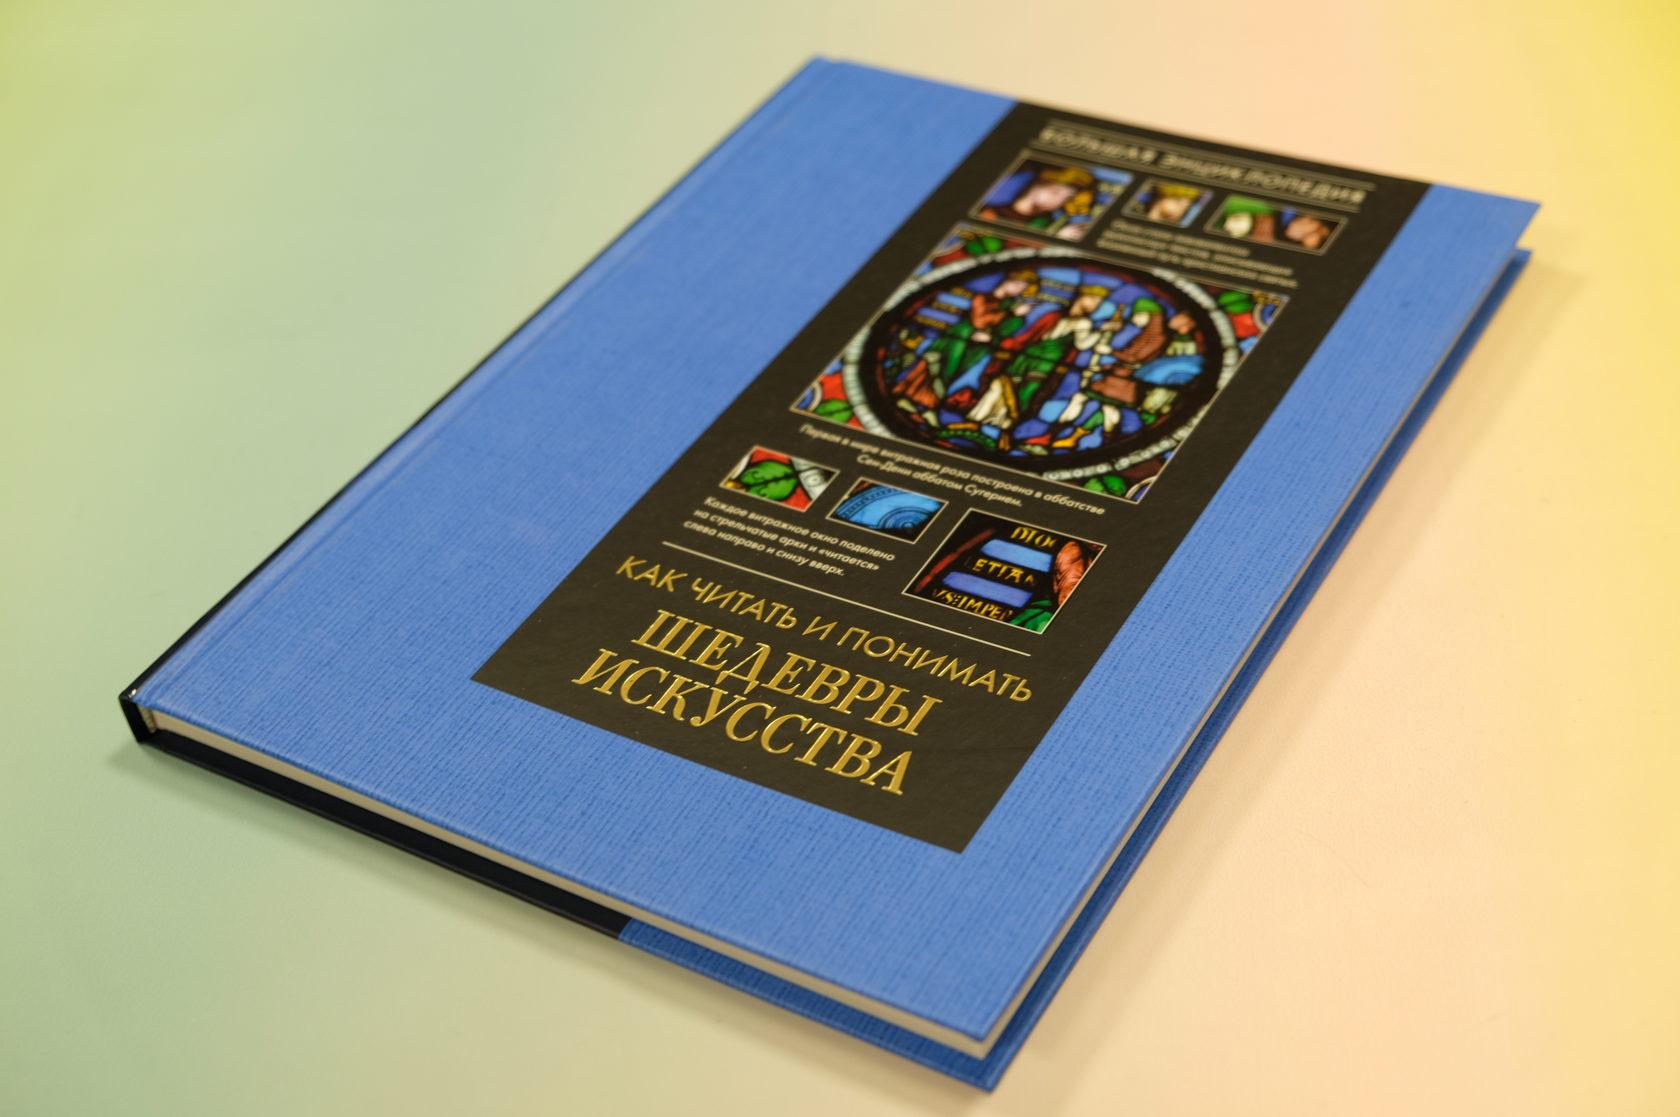 Наталья Кортунова «Как читать и понимать шедевры искусства. Большая энциклопедия»